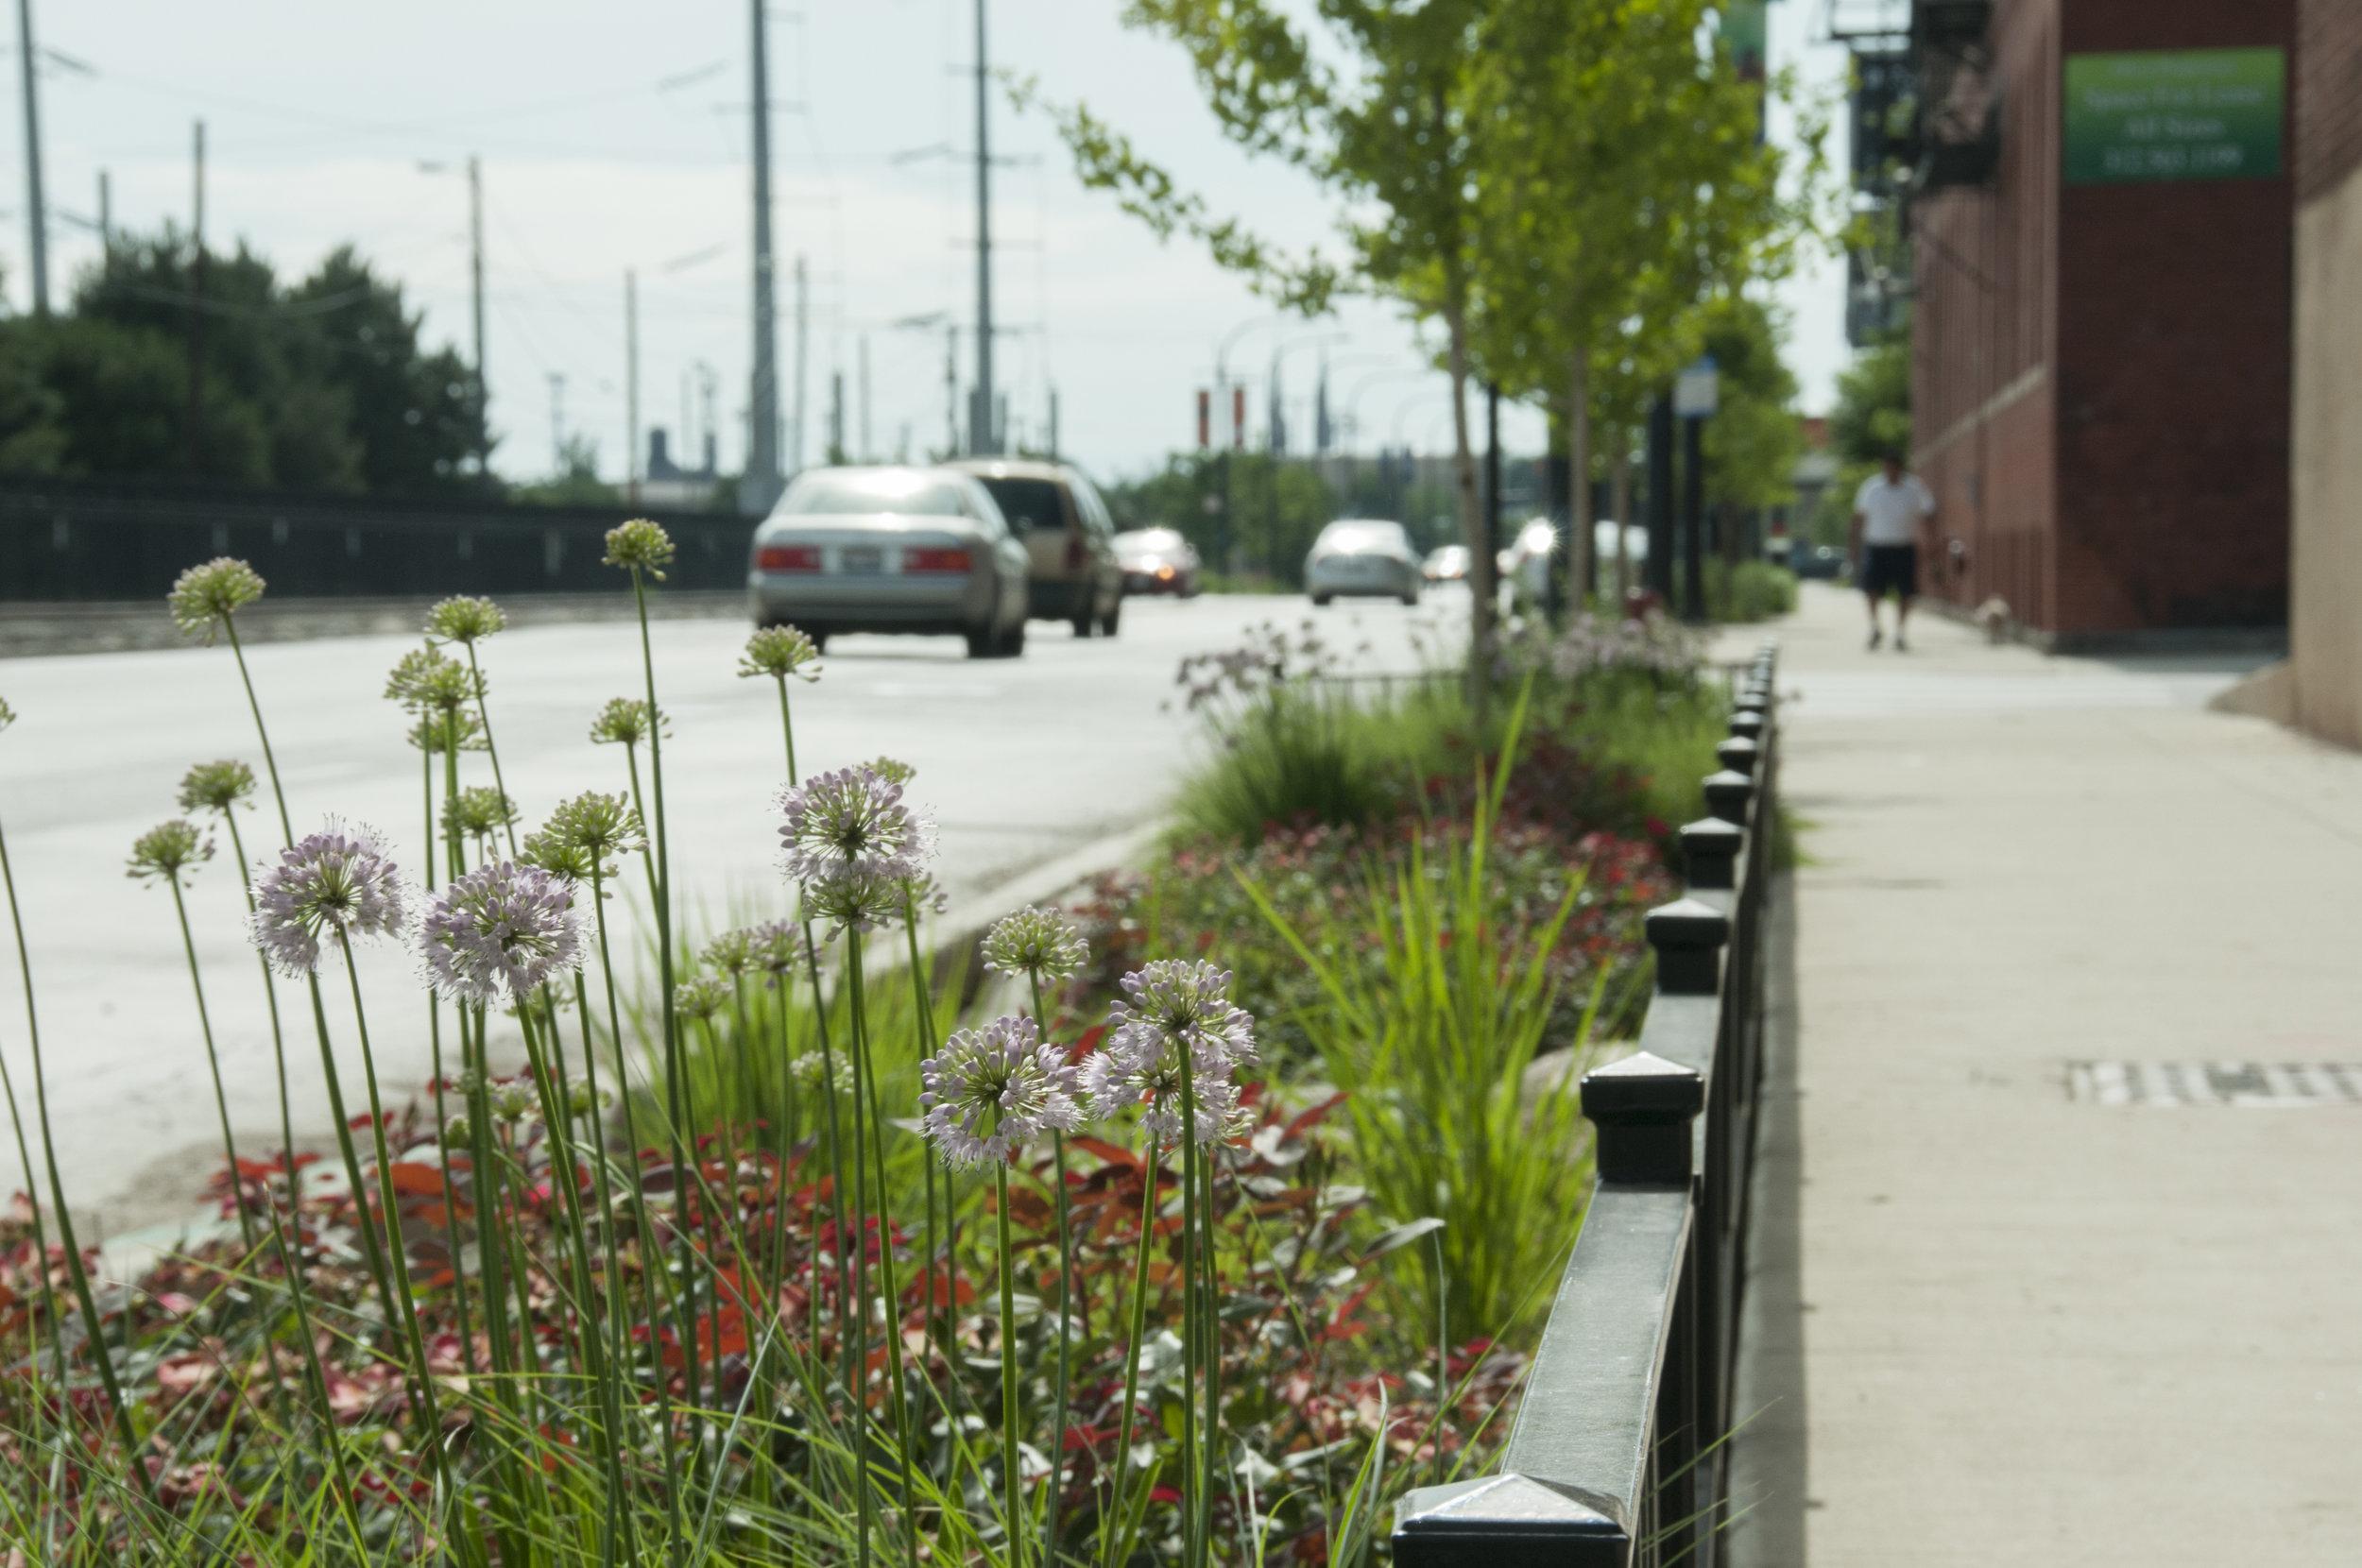 stony point green roadway improvements | santa rosa, california | USA